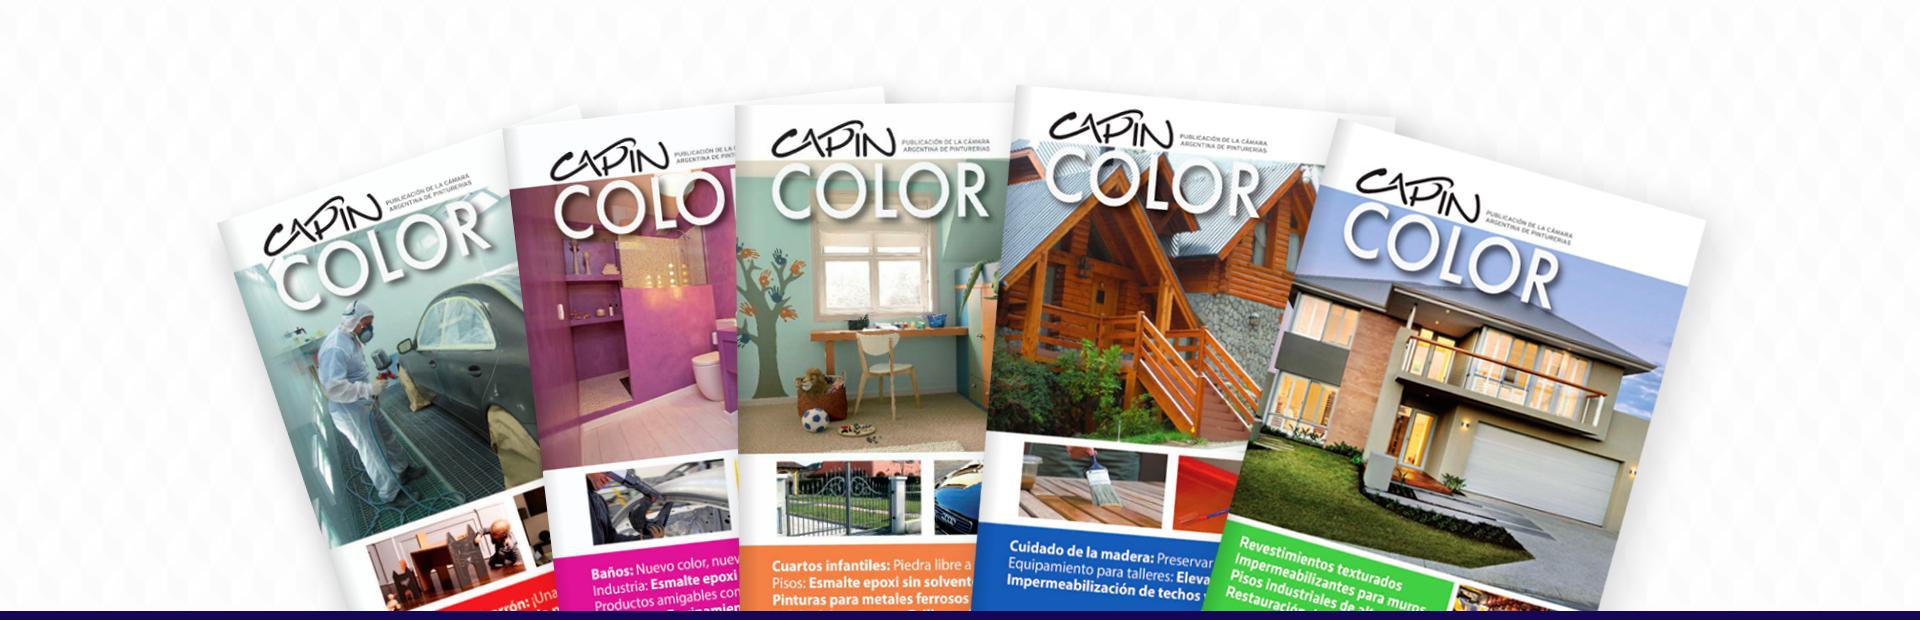 Sección Capín Color